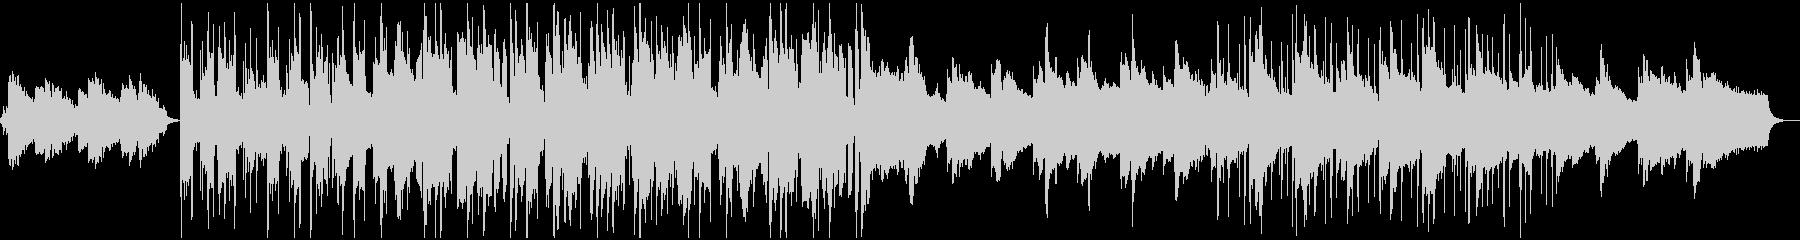 【高音質】朝から爽やかお洒落なチルホップの未再生の波形